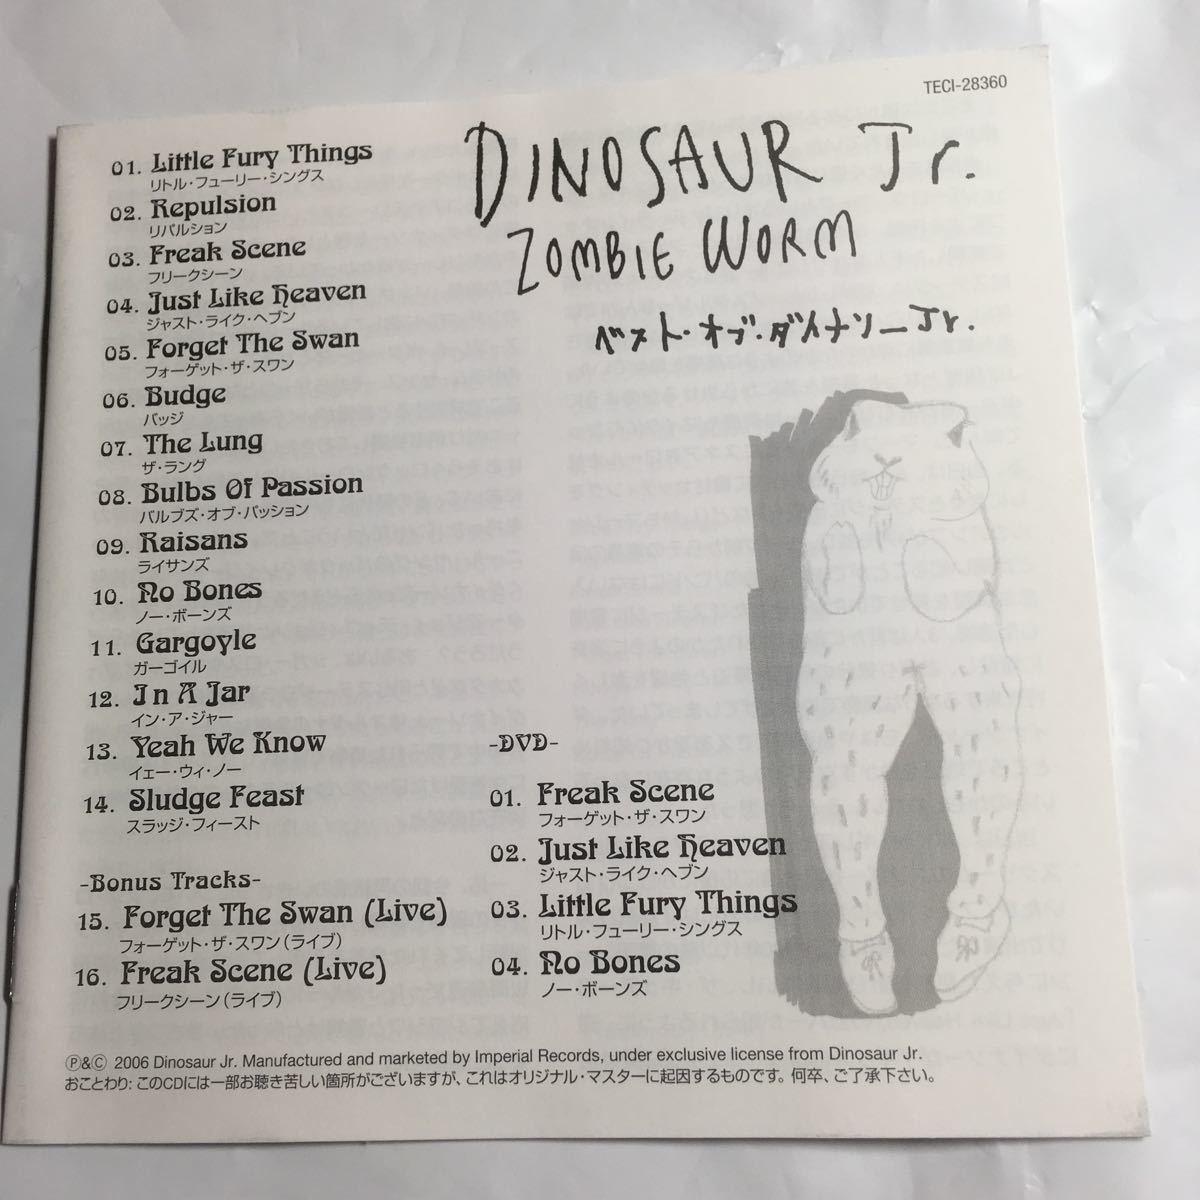 ベストオブダイナソーJr. 【CD】